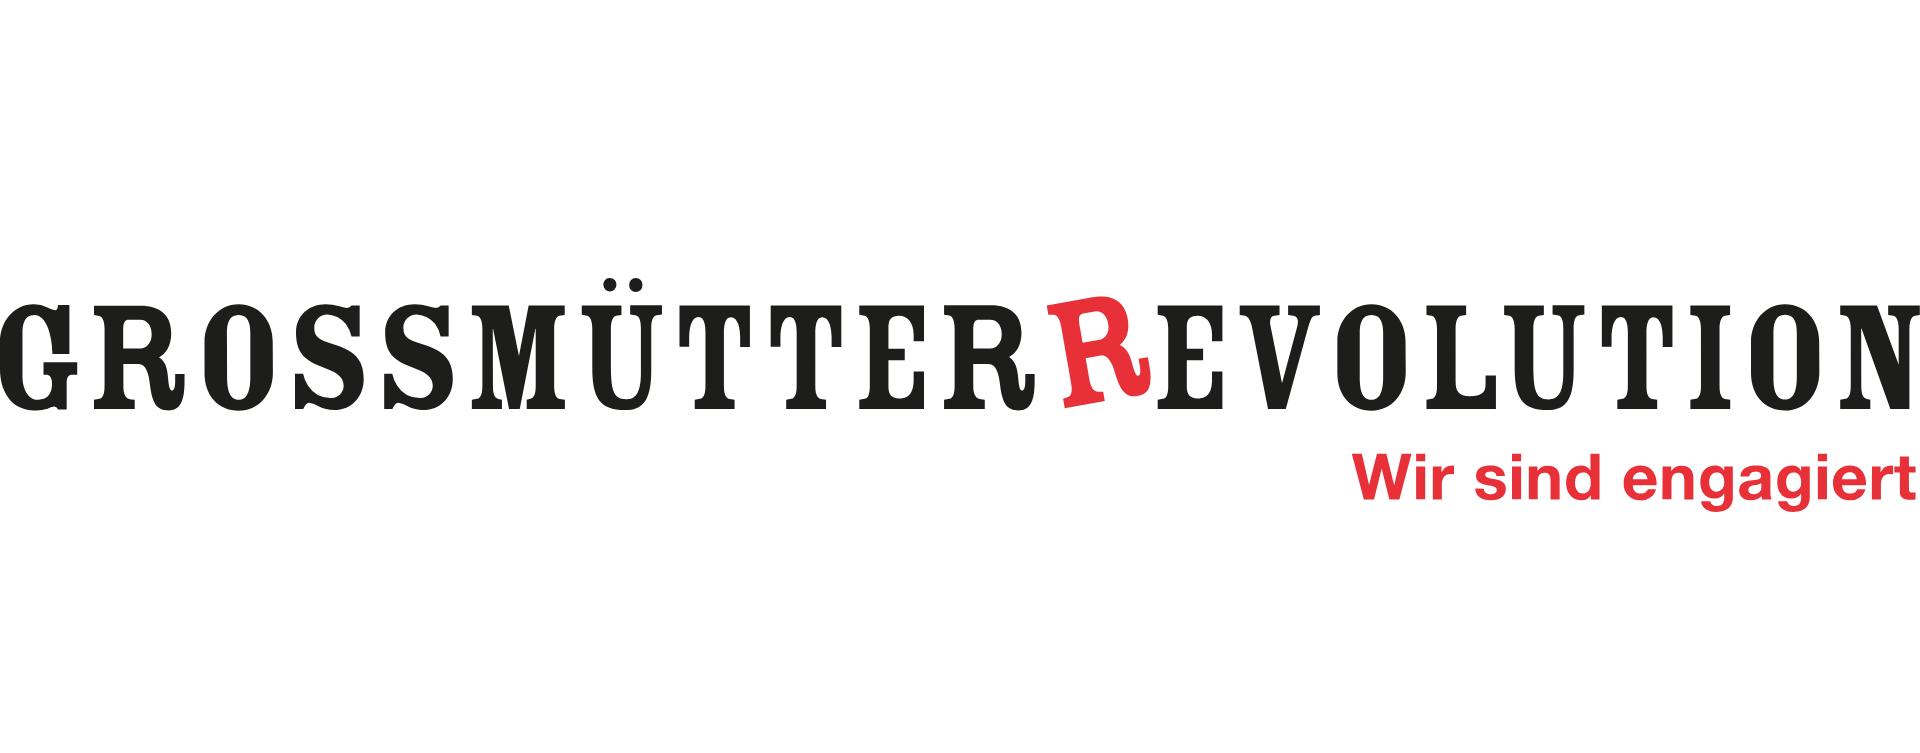 """Logo """"Grossmütterrevolution"""" wobei das R von Revolution rot und schief steht. Darunter steht """"wir sind engagiert"""""""